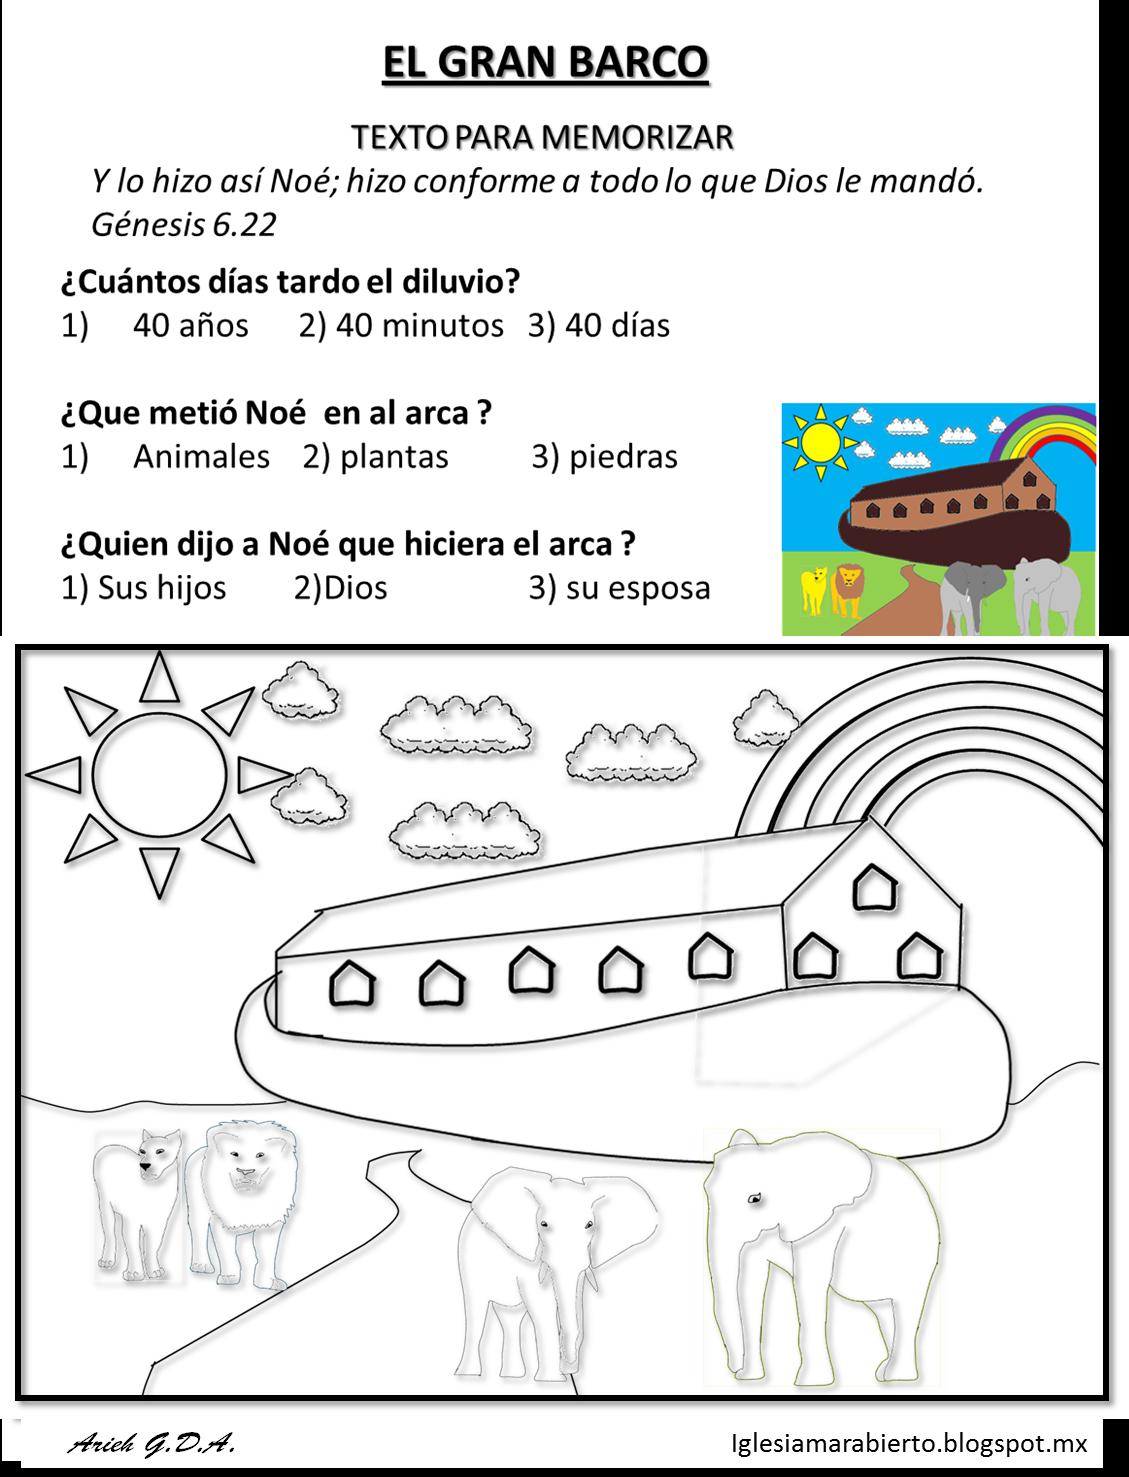 Escuela dominical para ninos de 3 a 5 anos escuela - Actividades para ninos pequenos ...